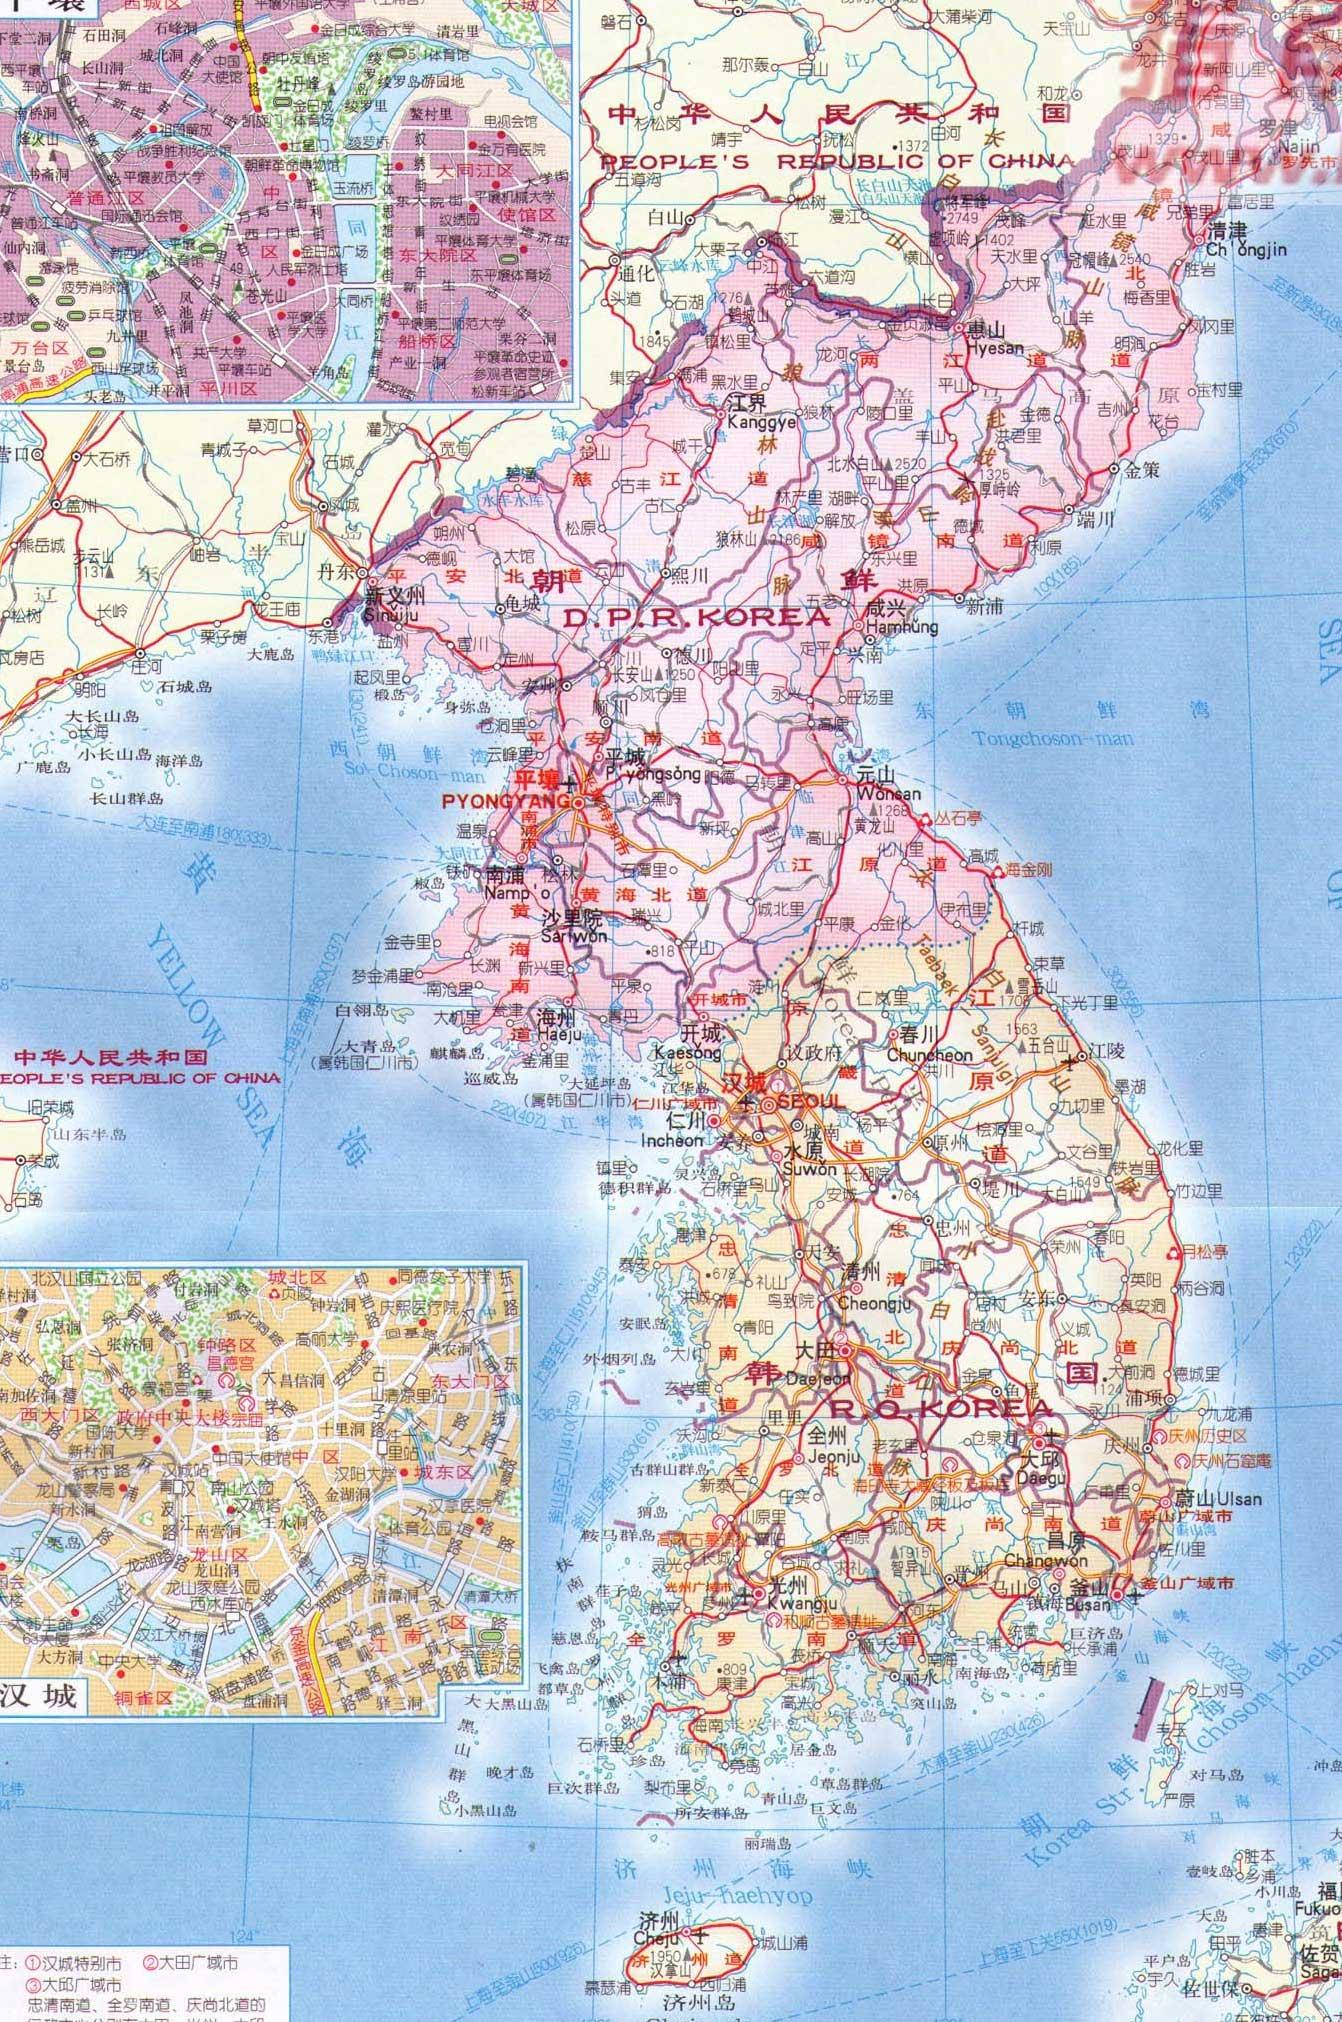 新加坡 地铁 图 中文 版 下载